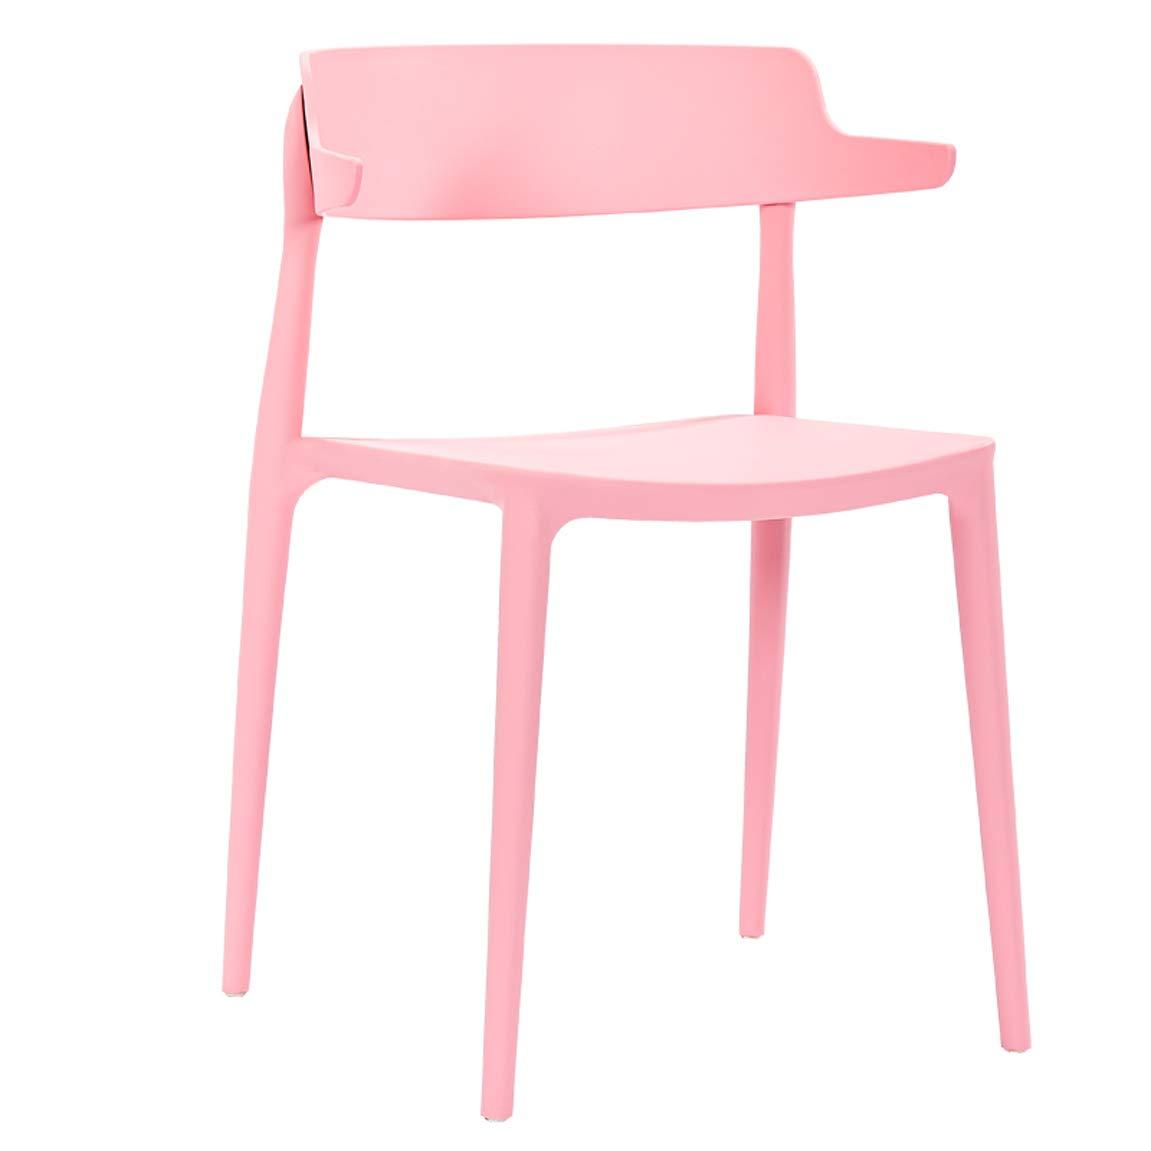 HLQW ヨーロッパの現代シンプルなレジャー背もたれ椅子、家庭用プラスチック製の椅子、創造的なファッションスツール (Color : Pink) B07RSMVZ2P Pink